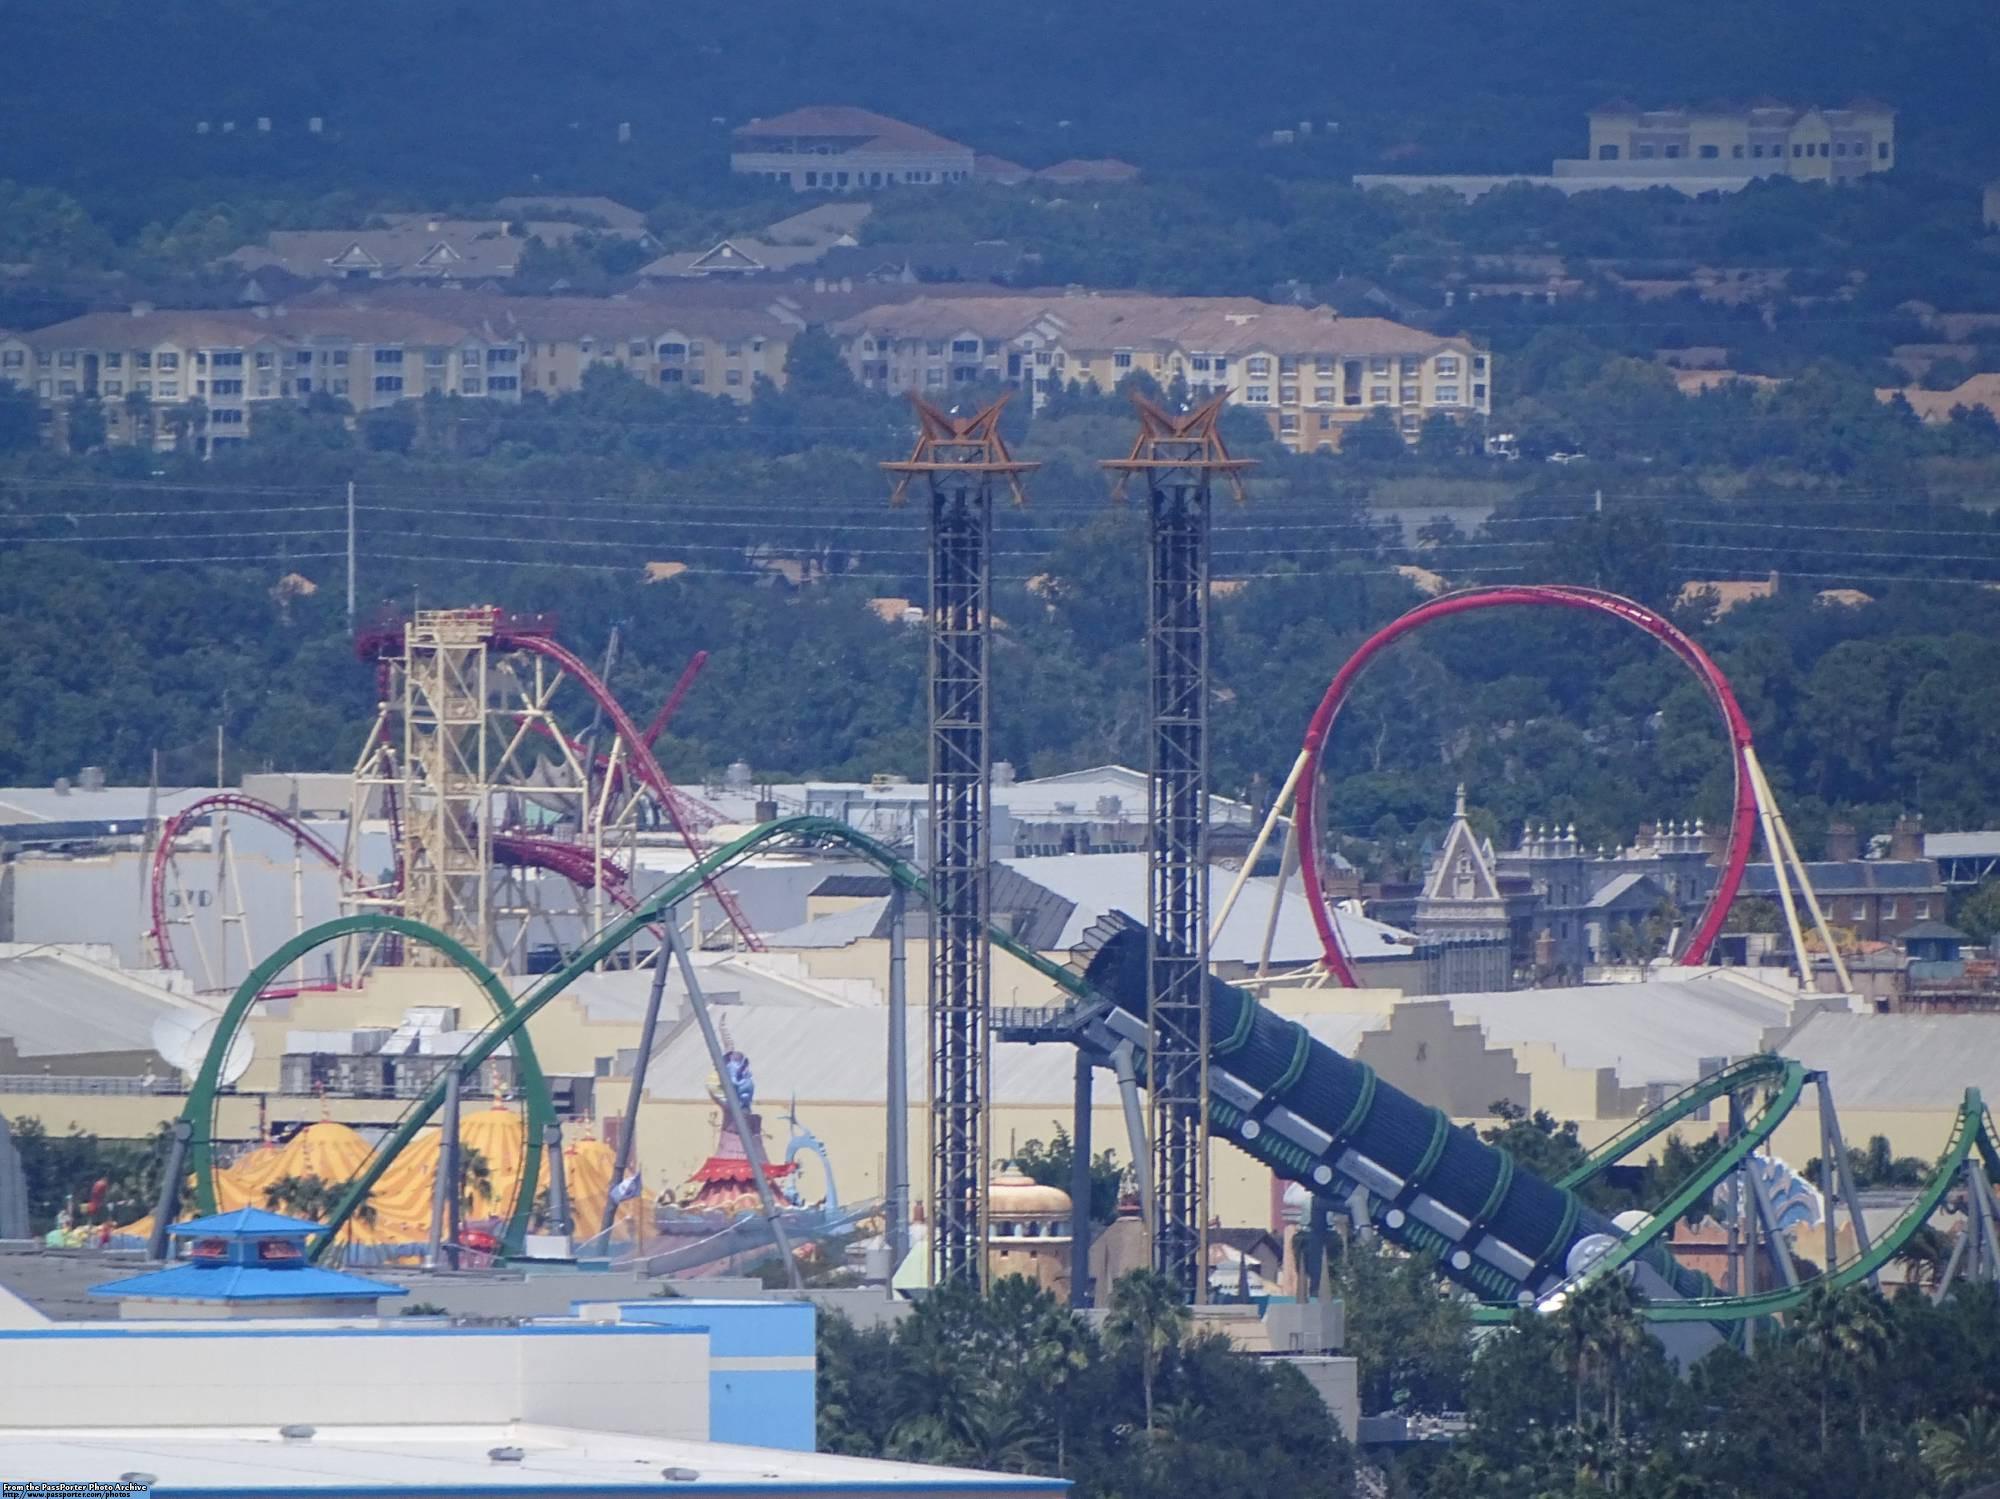 Enjoy a birds eye view of Orlando on the Orlando Eye | PassPorter.com